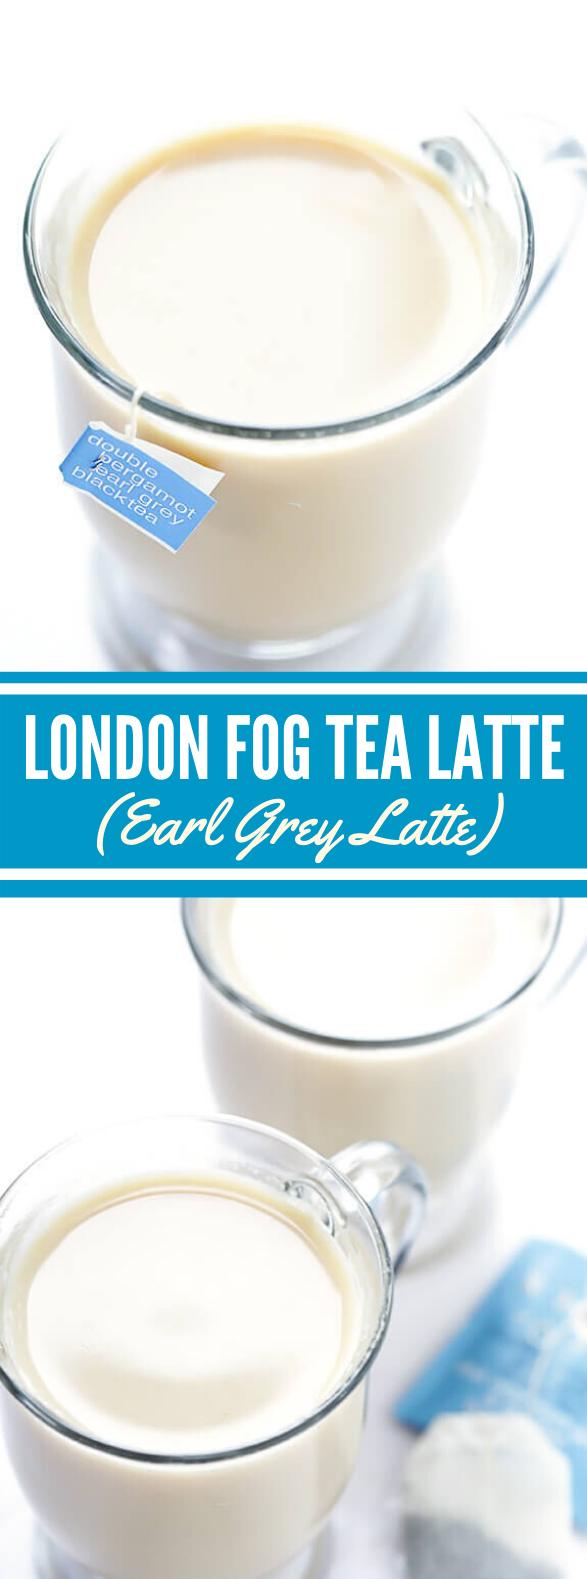 LONDON FOG TEA LATTE (EARL GREY LATTE) #drinks #sweets